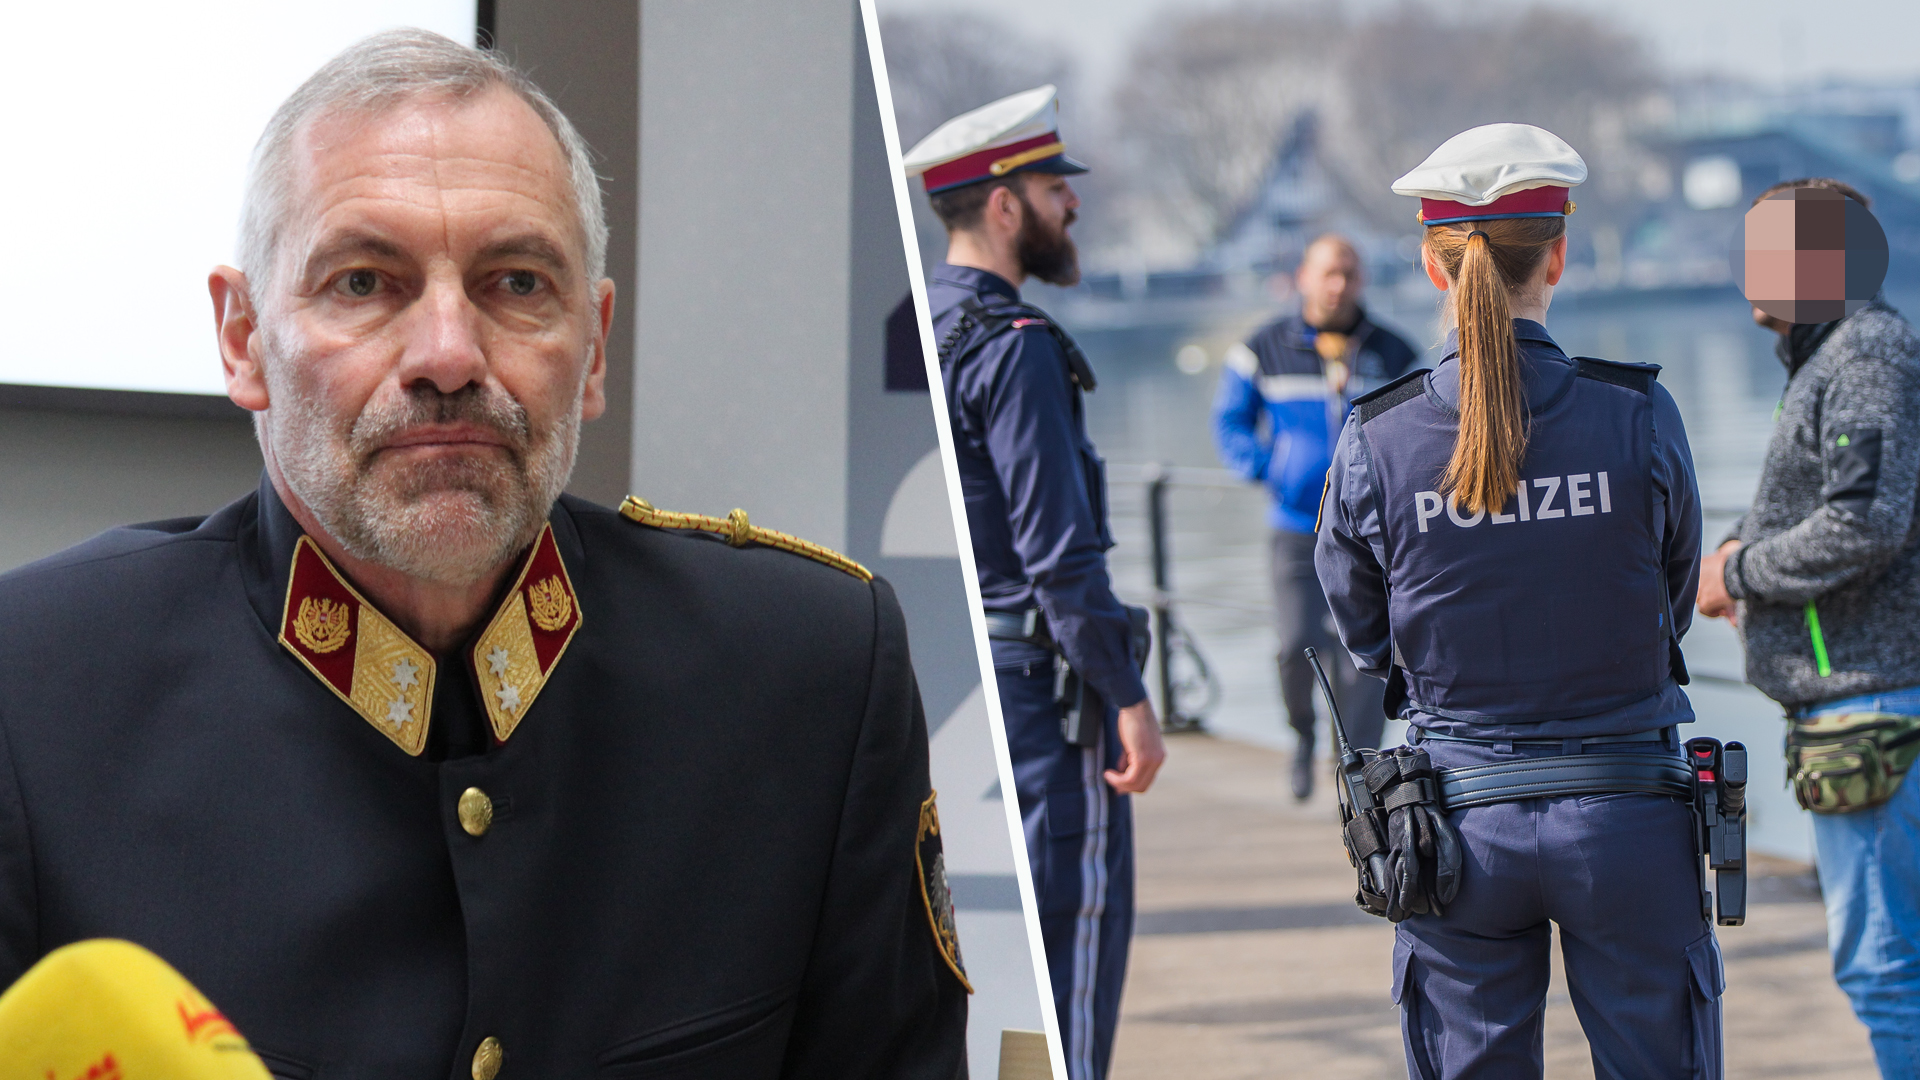 Sperrstunde und Anzeigen: Polizei kontrolliert wieder